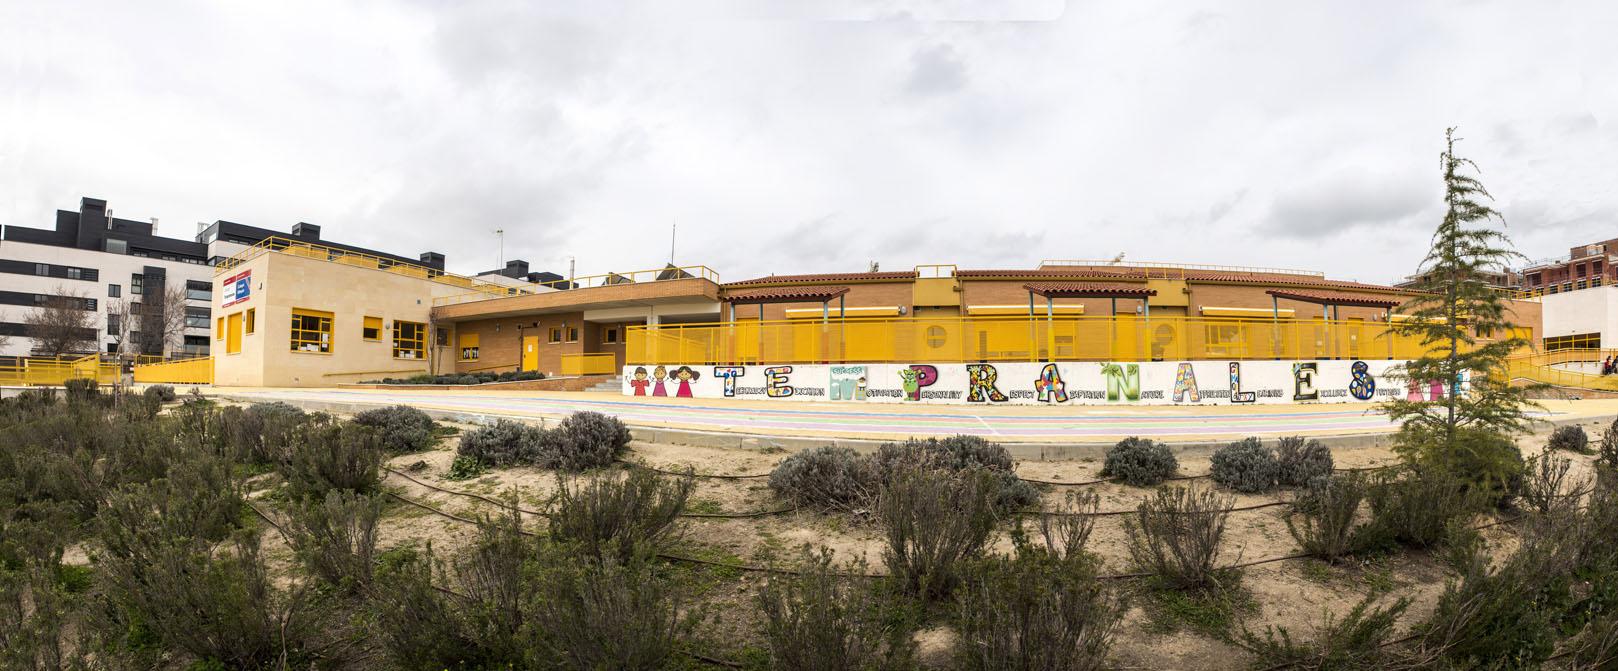 http://colegiotempranales.com/images/tempranales/centro/galeria/EdificioInfantil.jpg